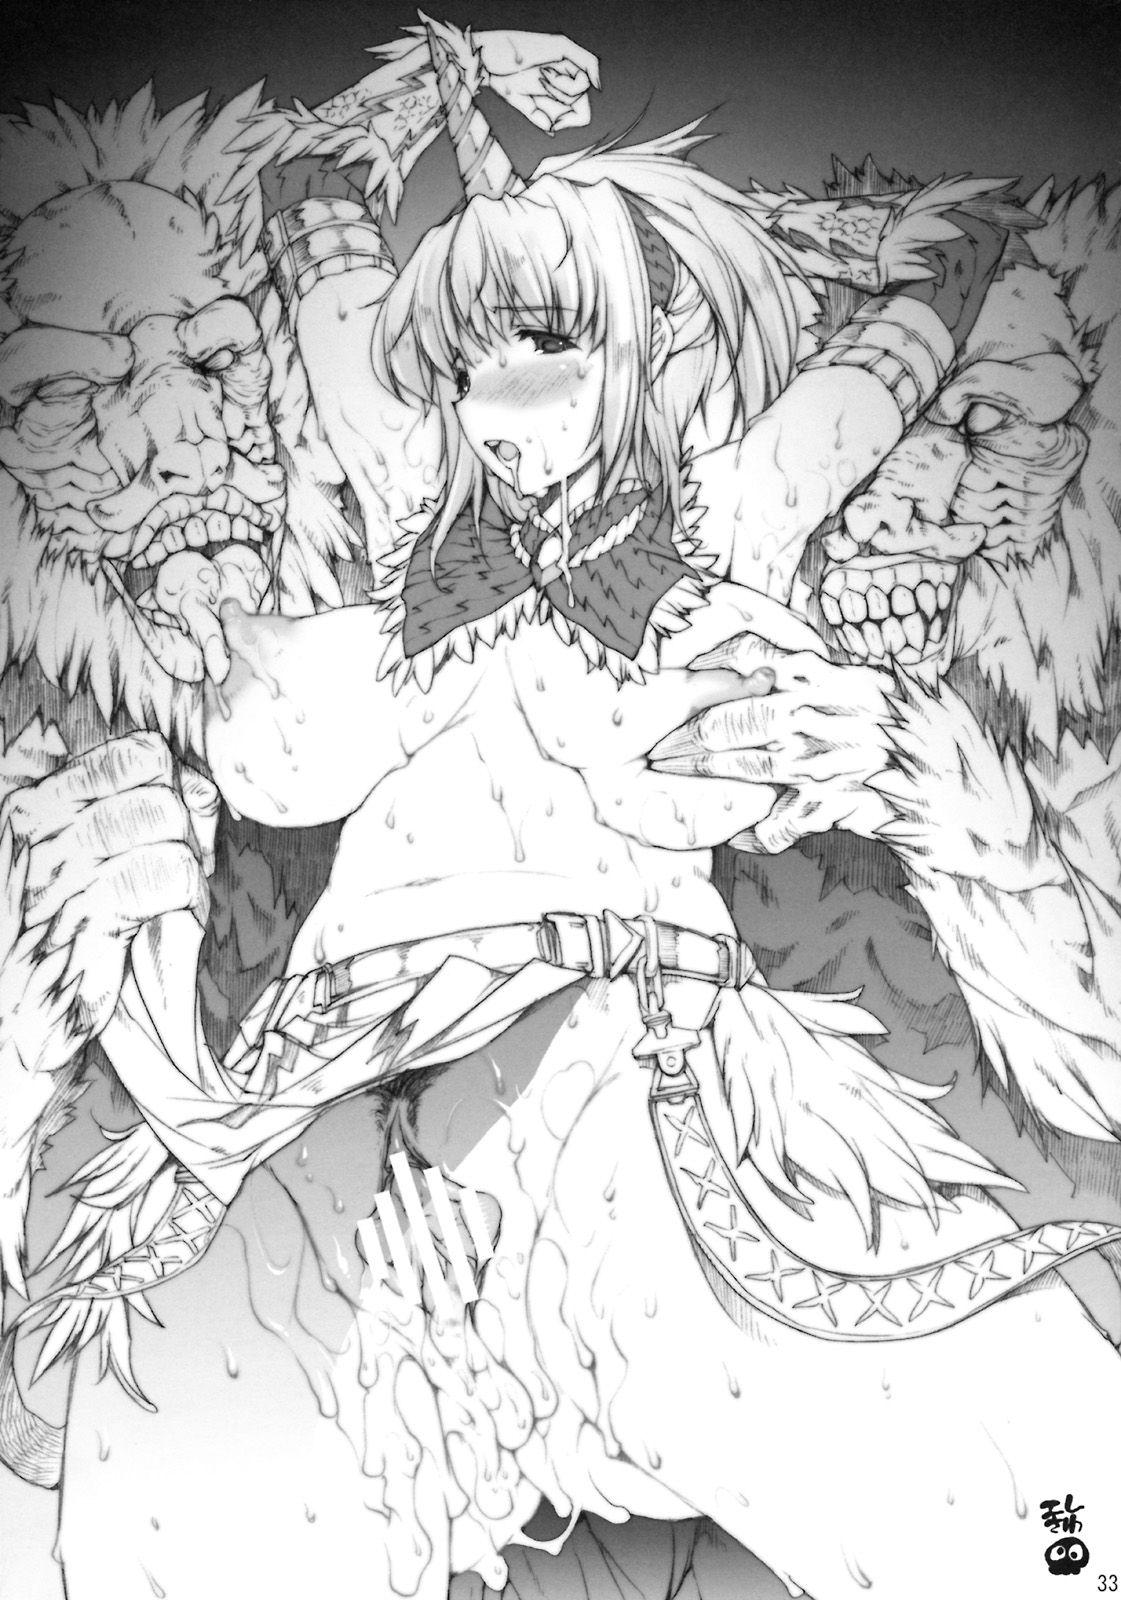 kirin_(armor)259